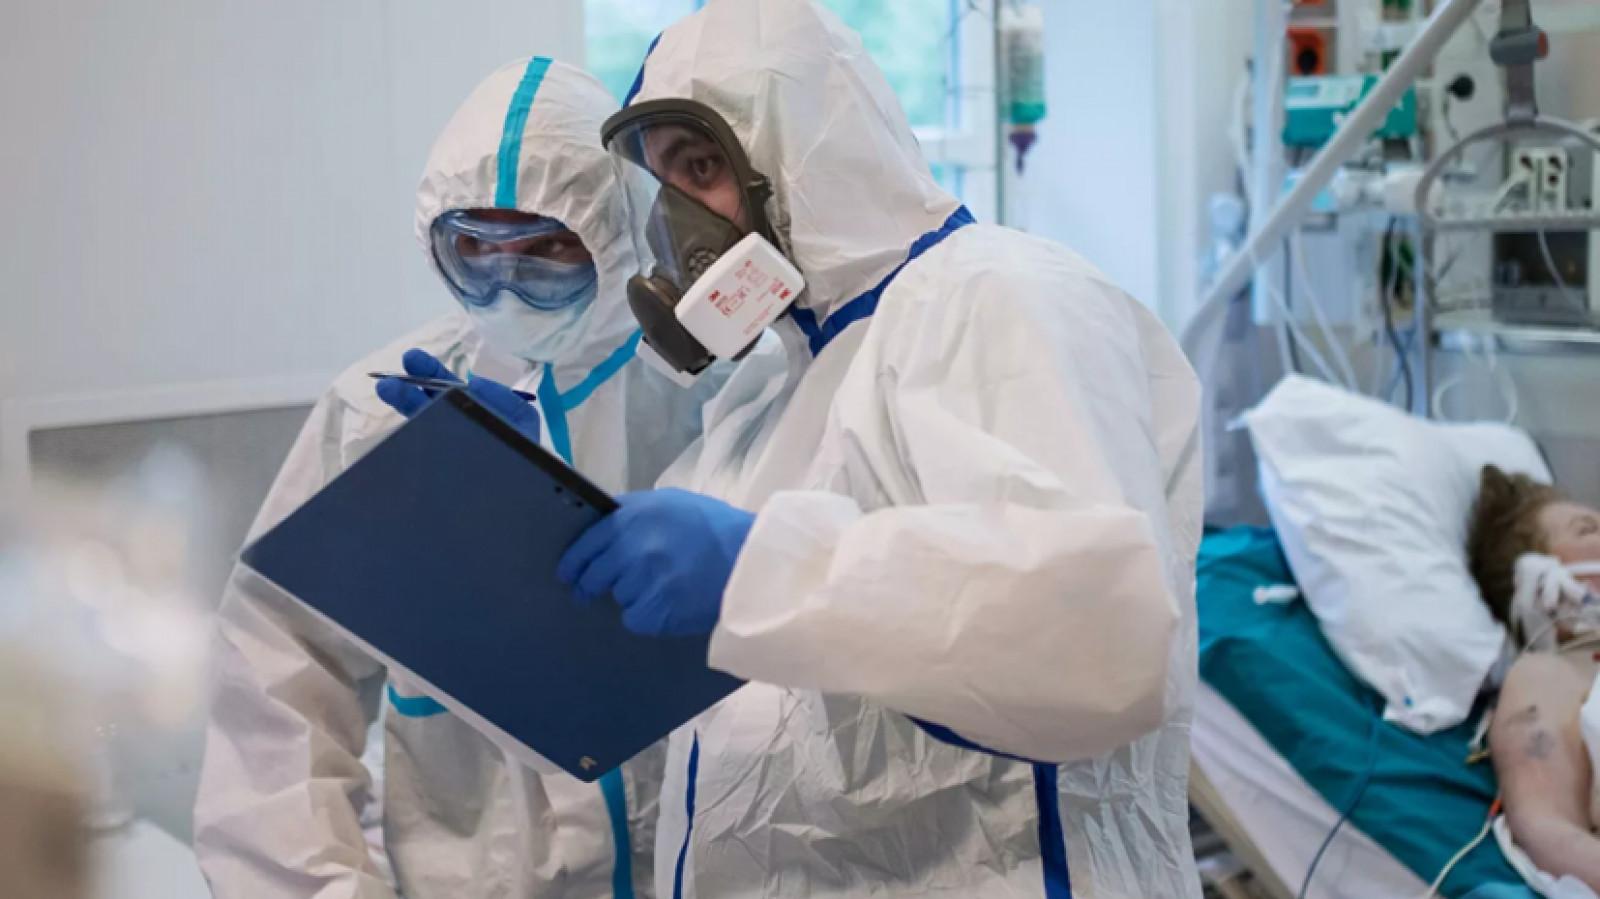 На модернизацию инфекционной службы выделят 17 млрд рублей в 2021 году